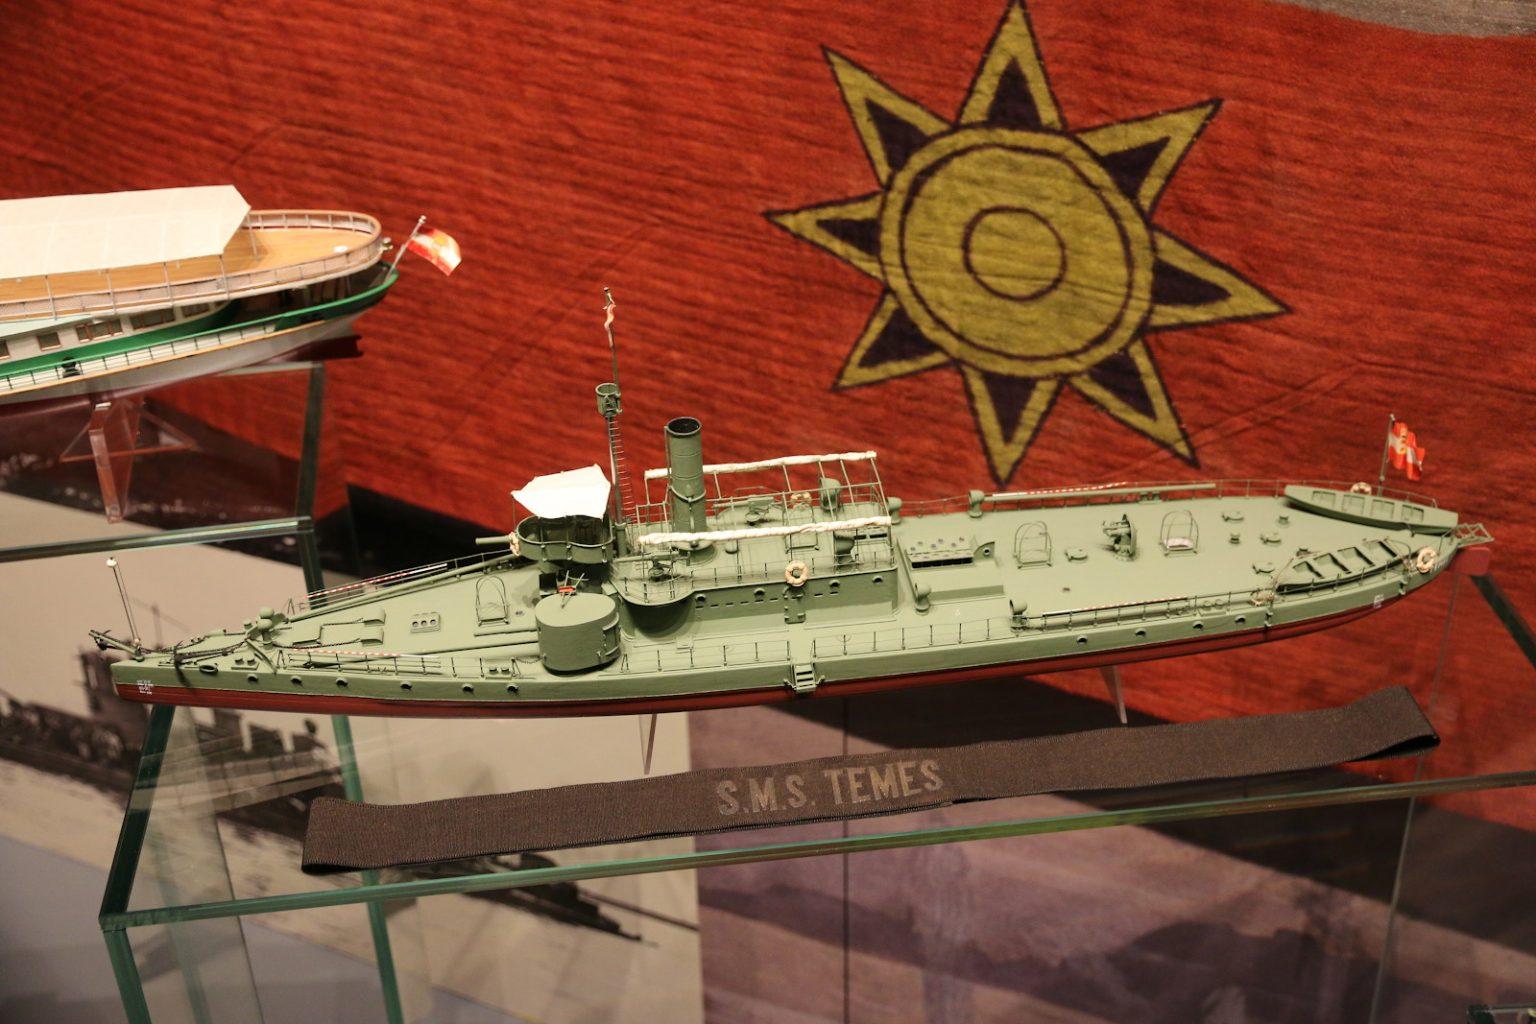 Modell des Schwesternschiffs TEMES Zustand 1904 im HGM © Doppeladler.com